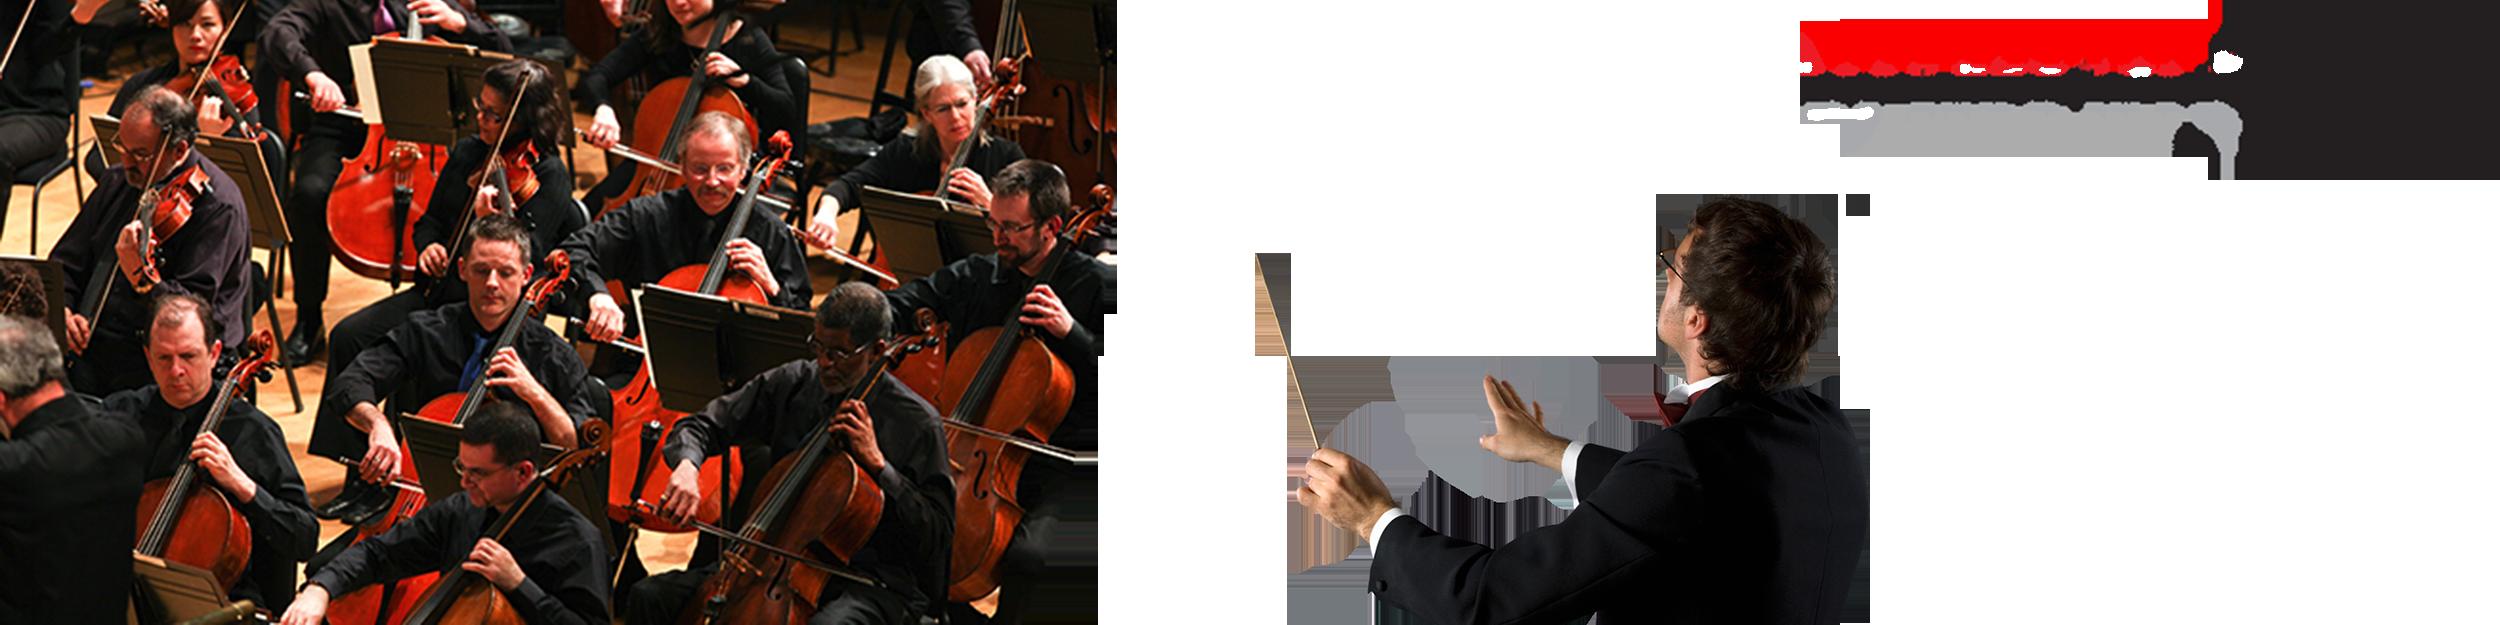 สถาบันการดนตรี De-symphony